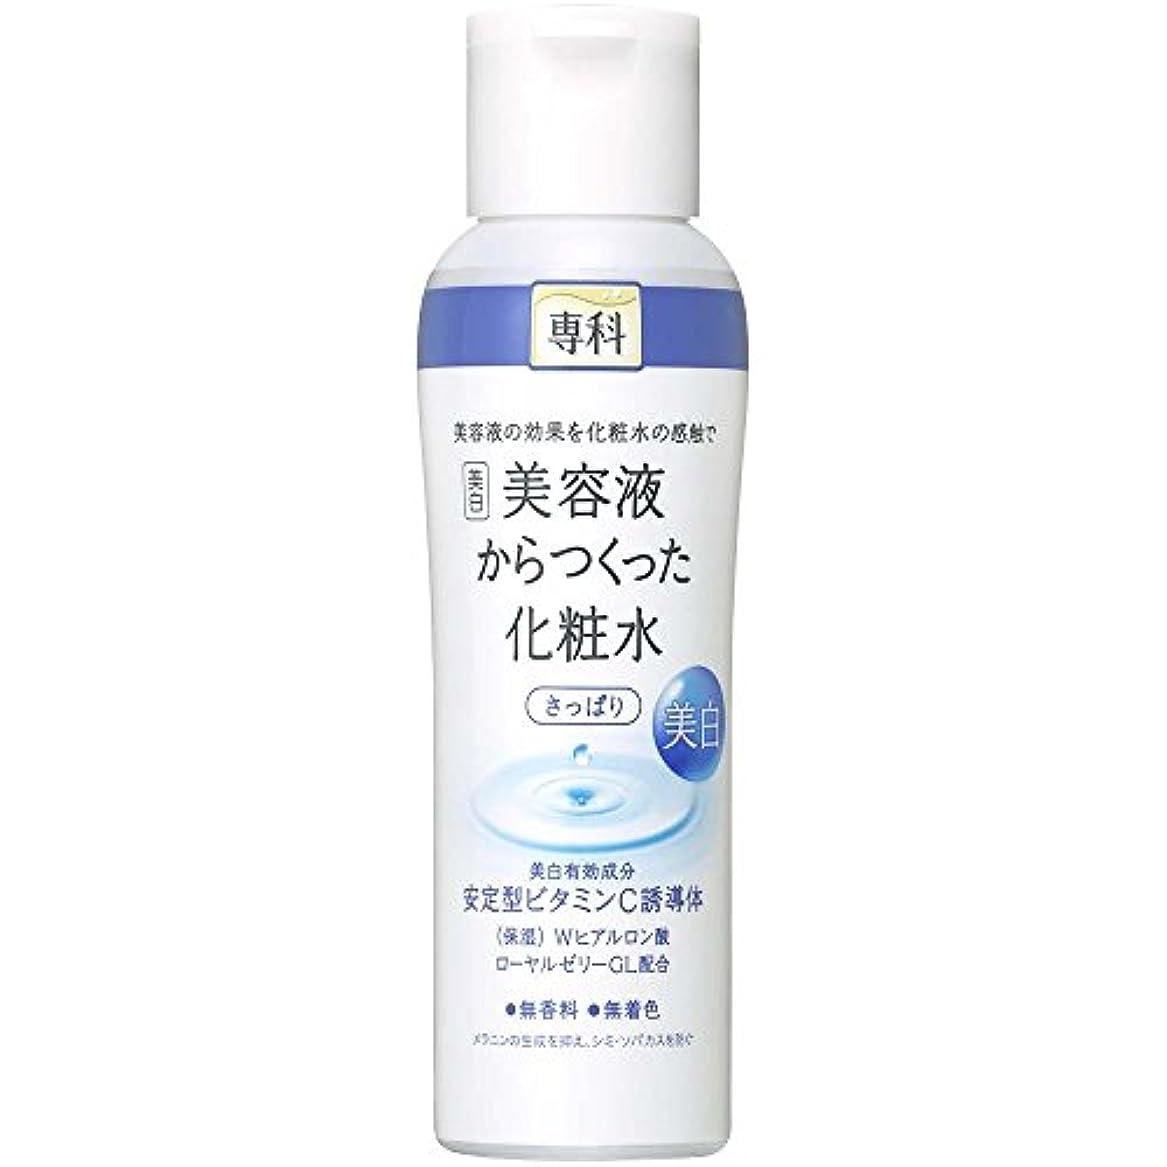 軍隊安全鋼専科 美容液からつくった化粧水さっぱり 200ml